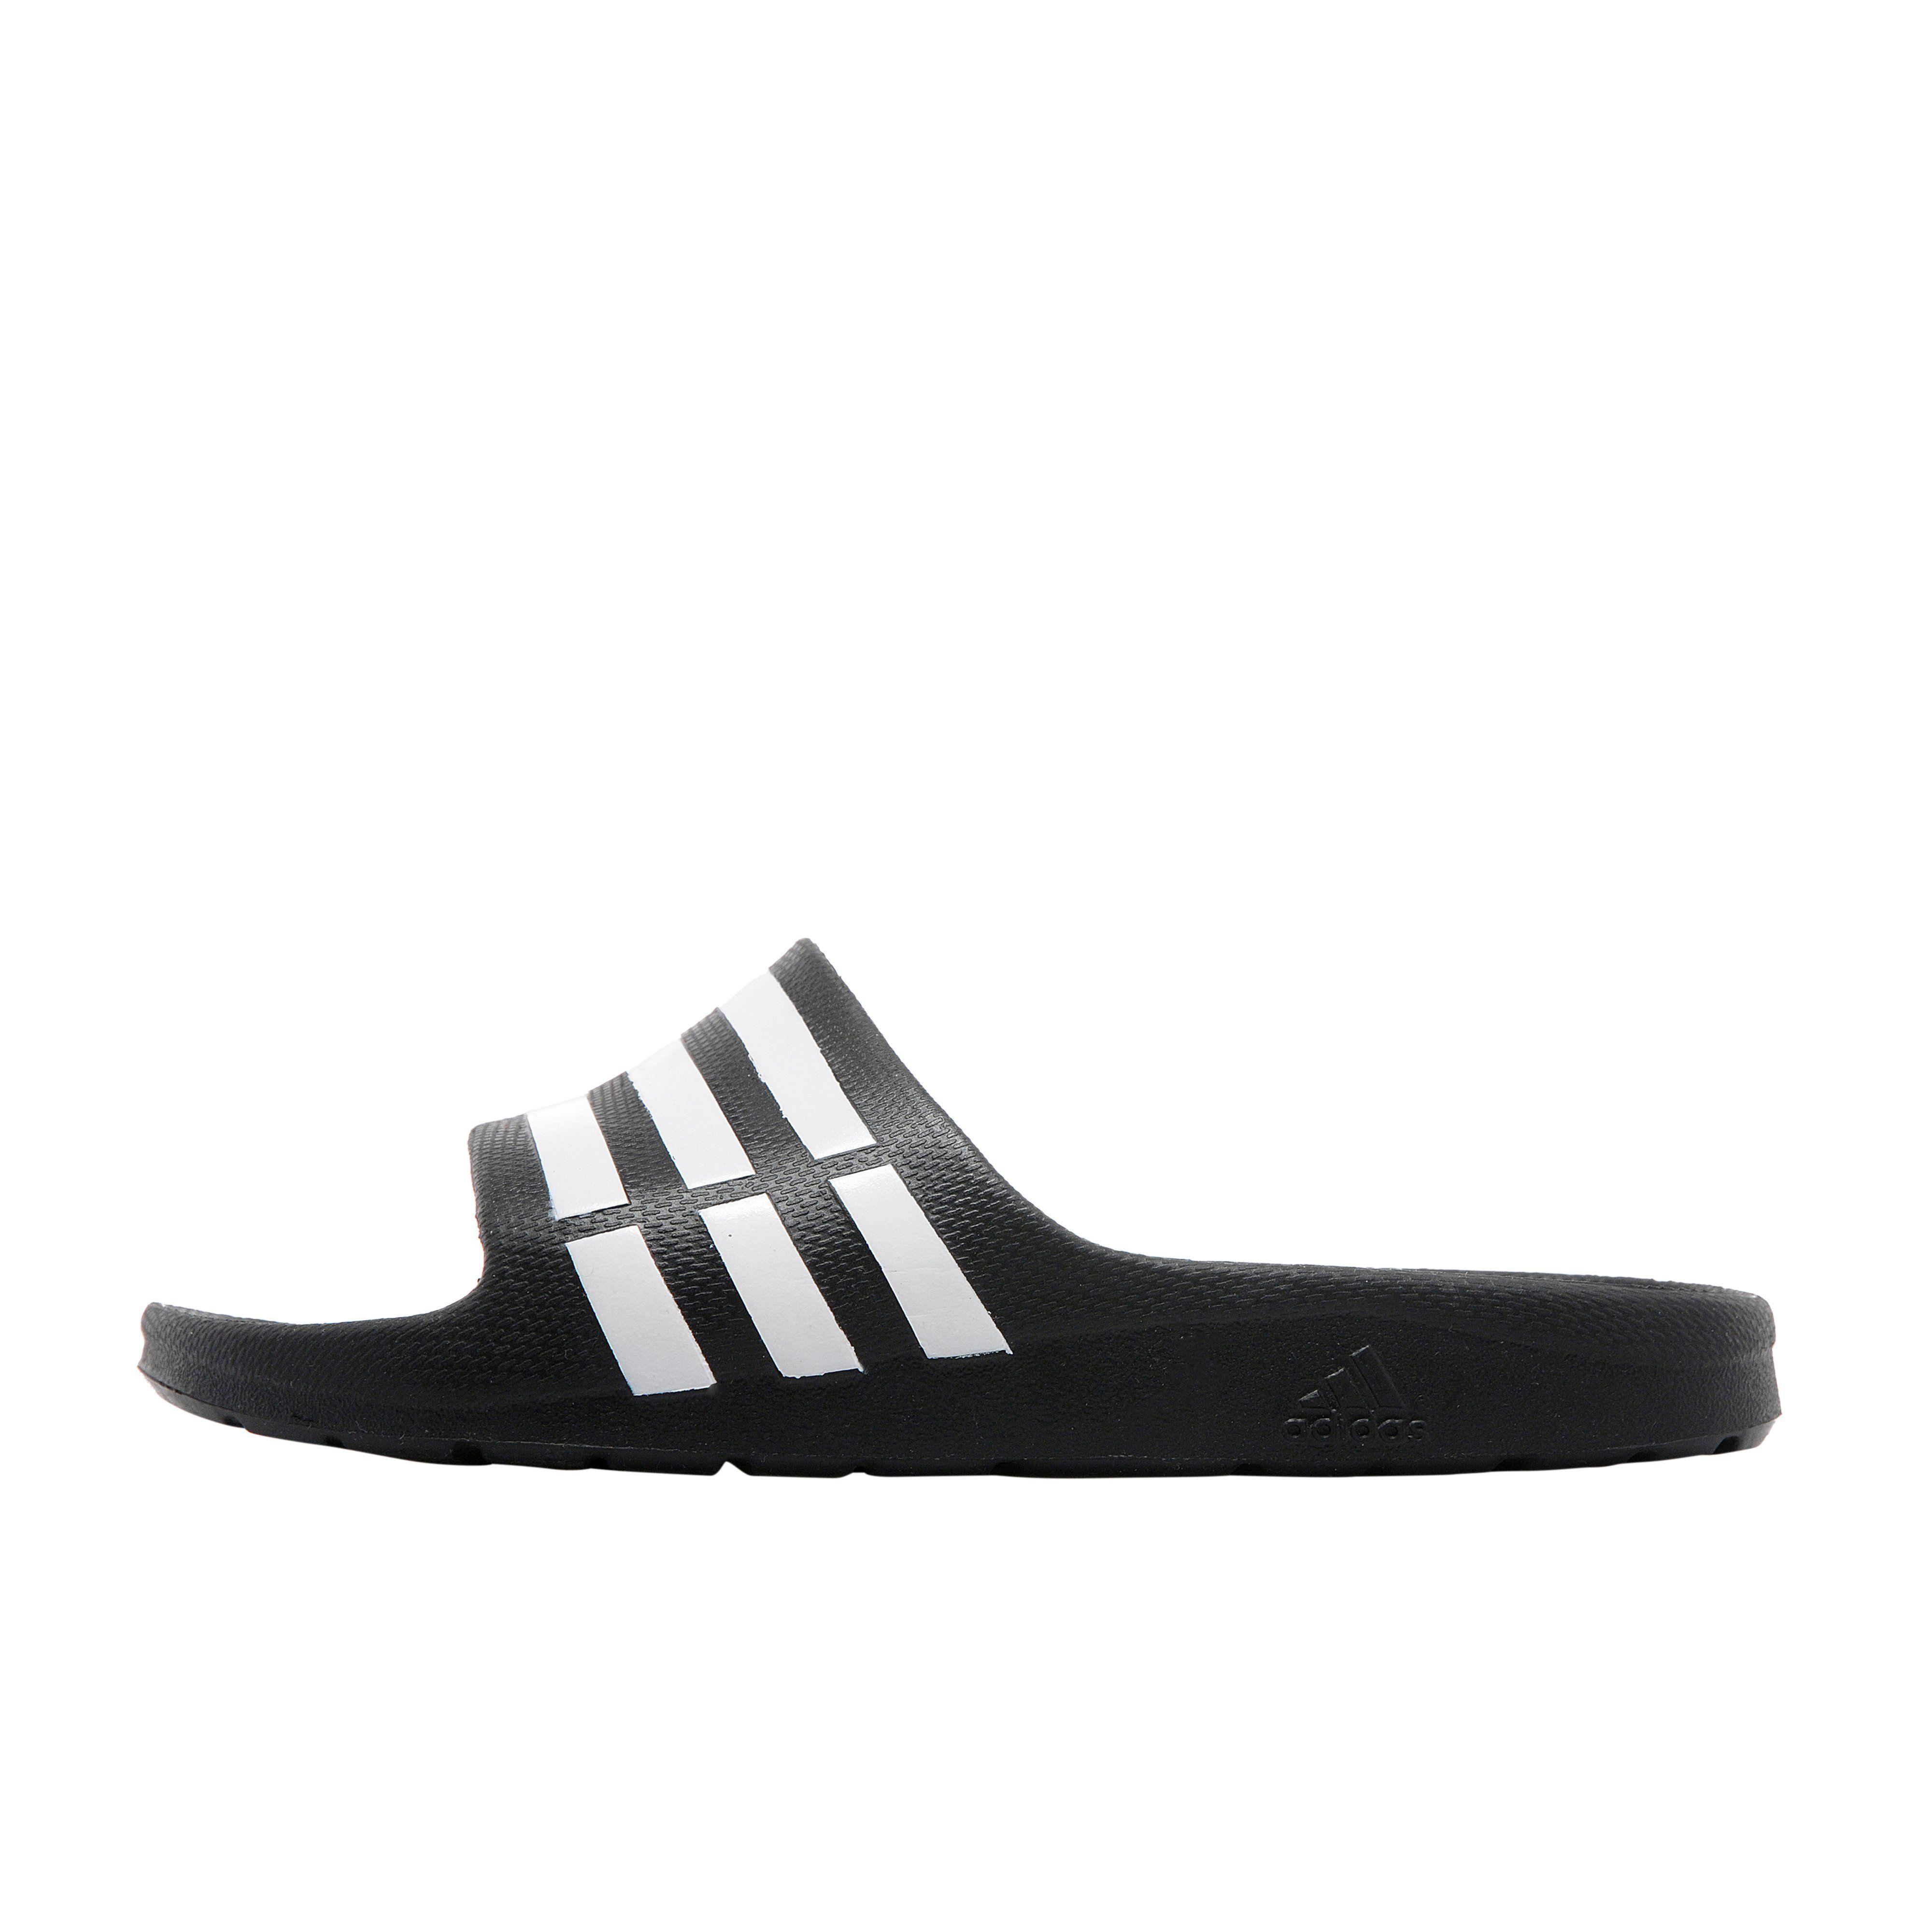 adidas Duramo Junior Slide Sandals